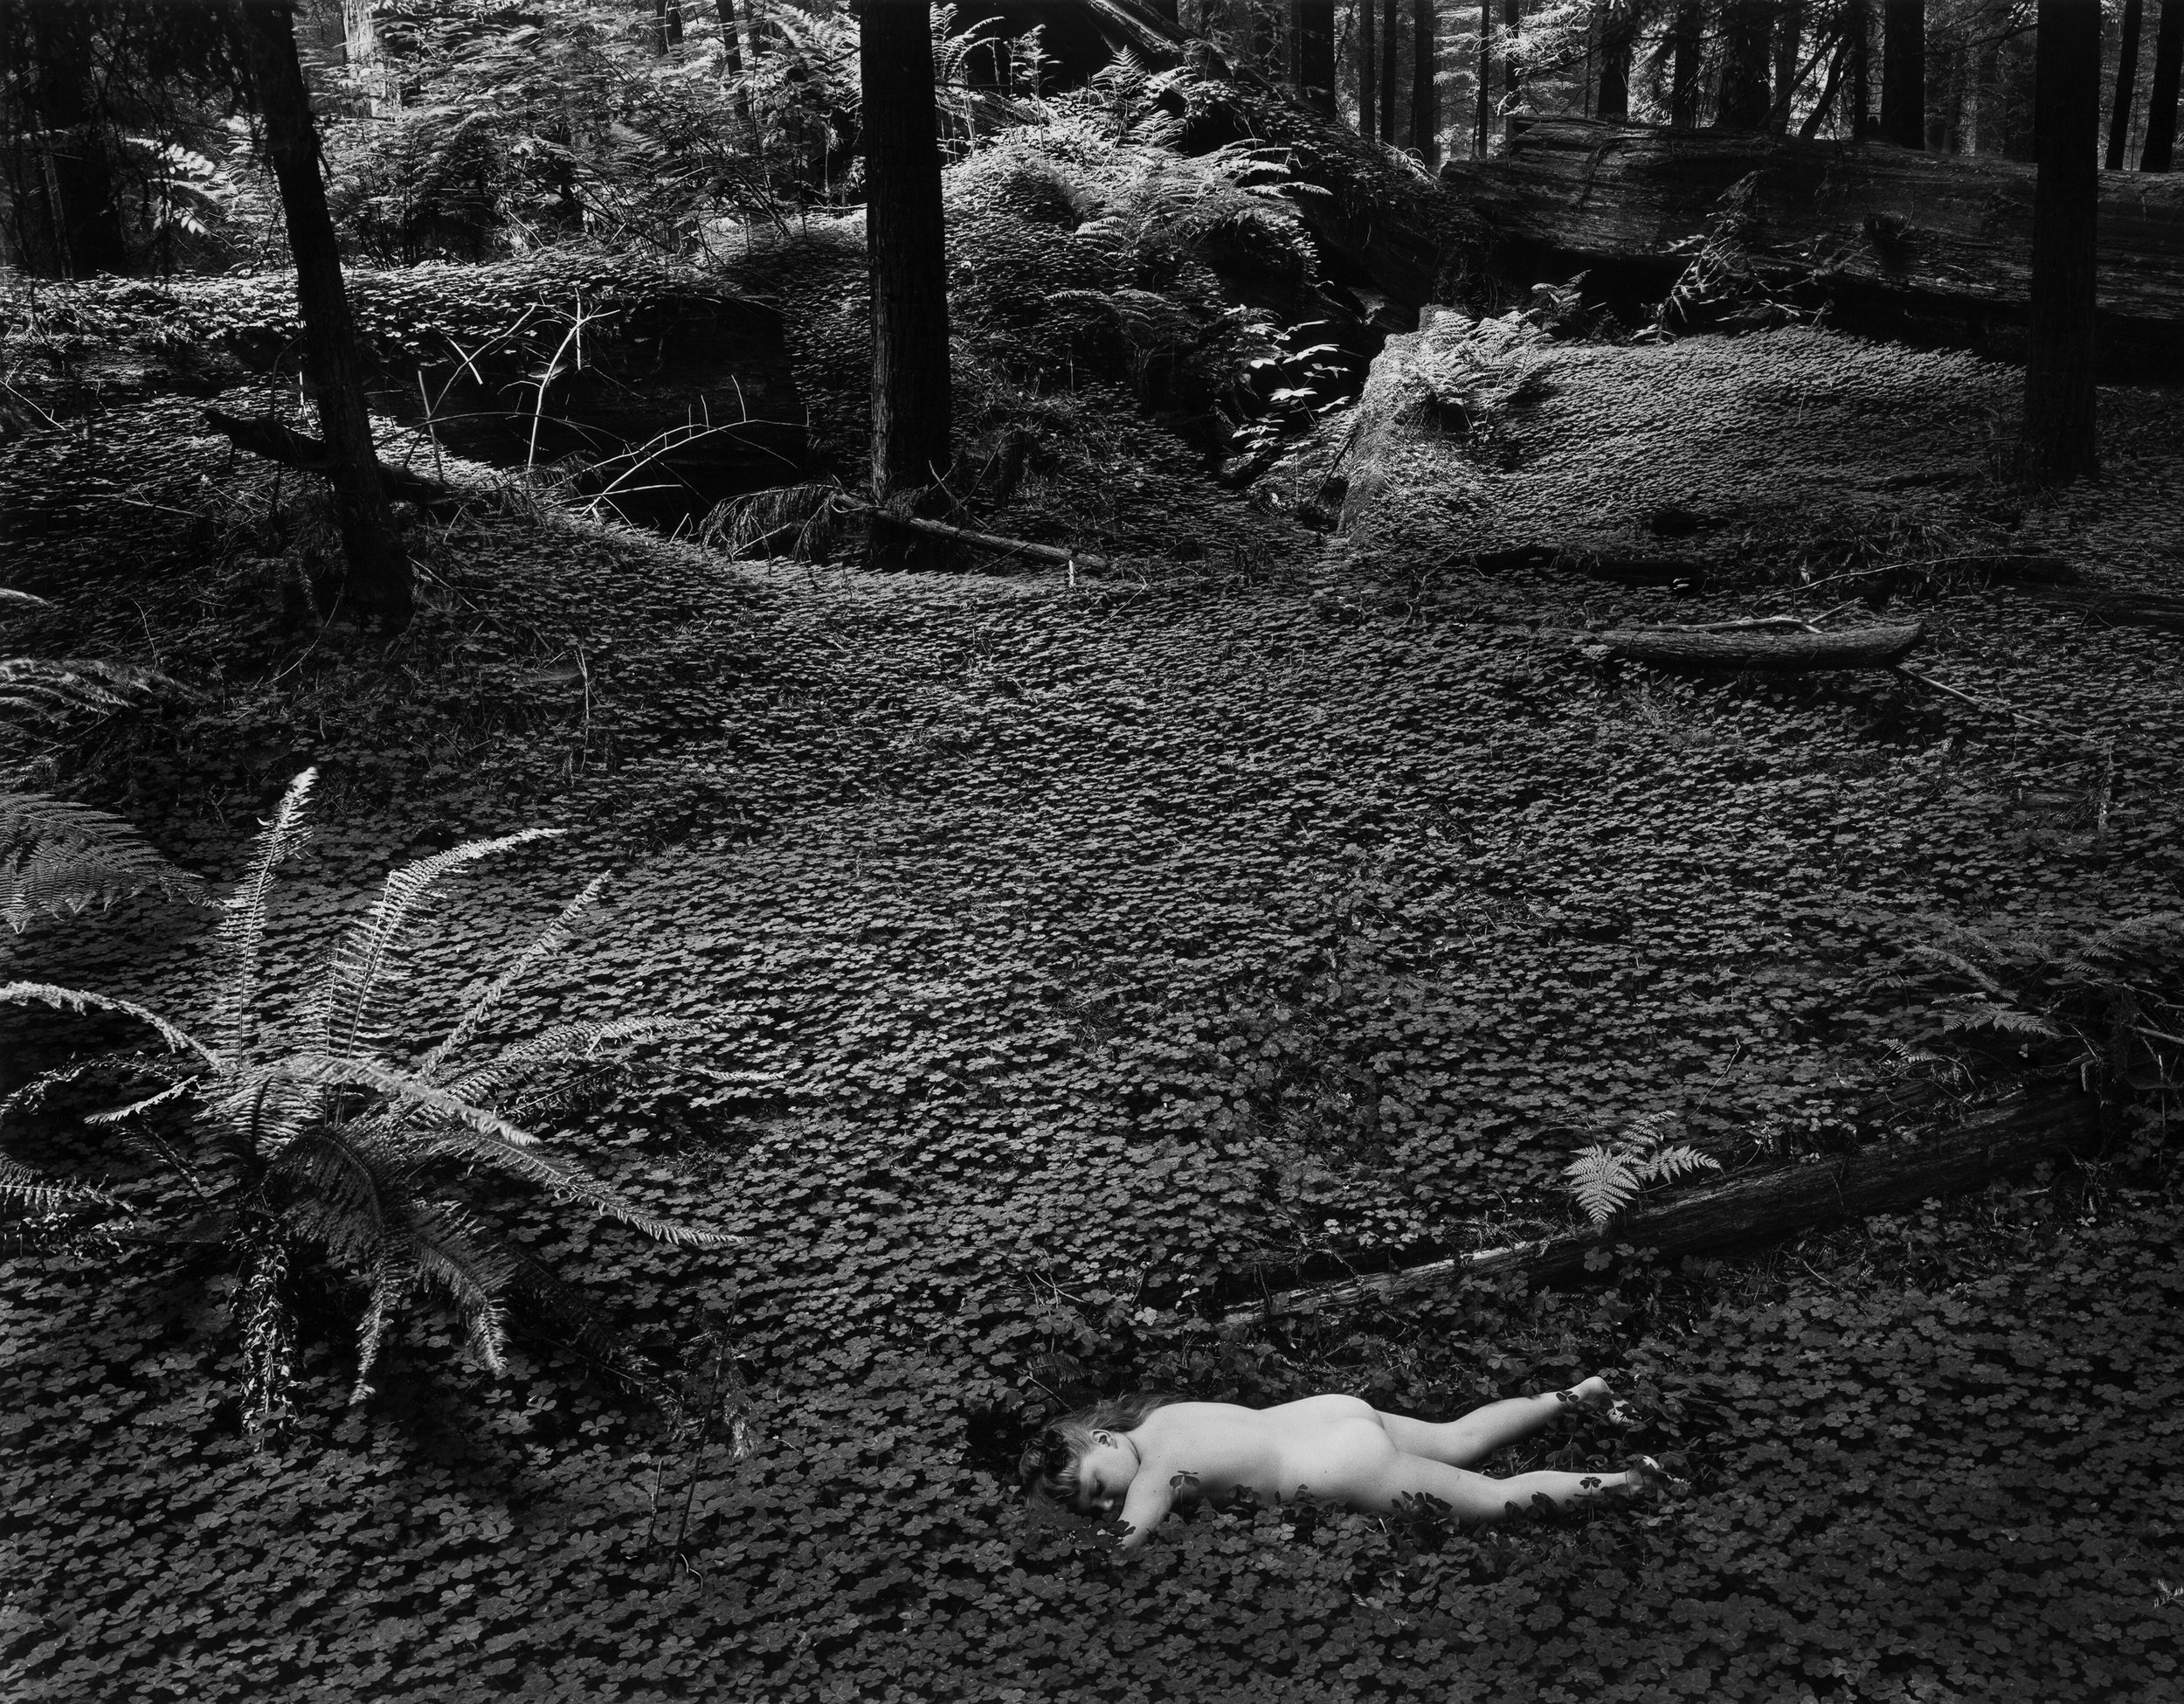 Child in Forest © 1951 Wynn Bullock